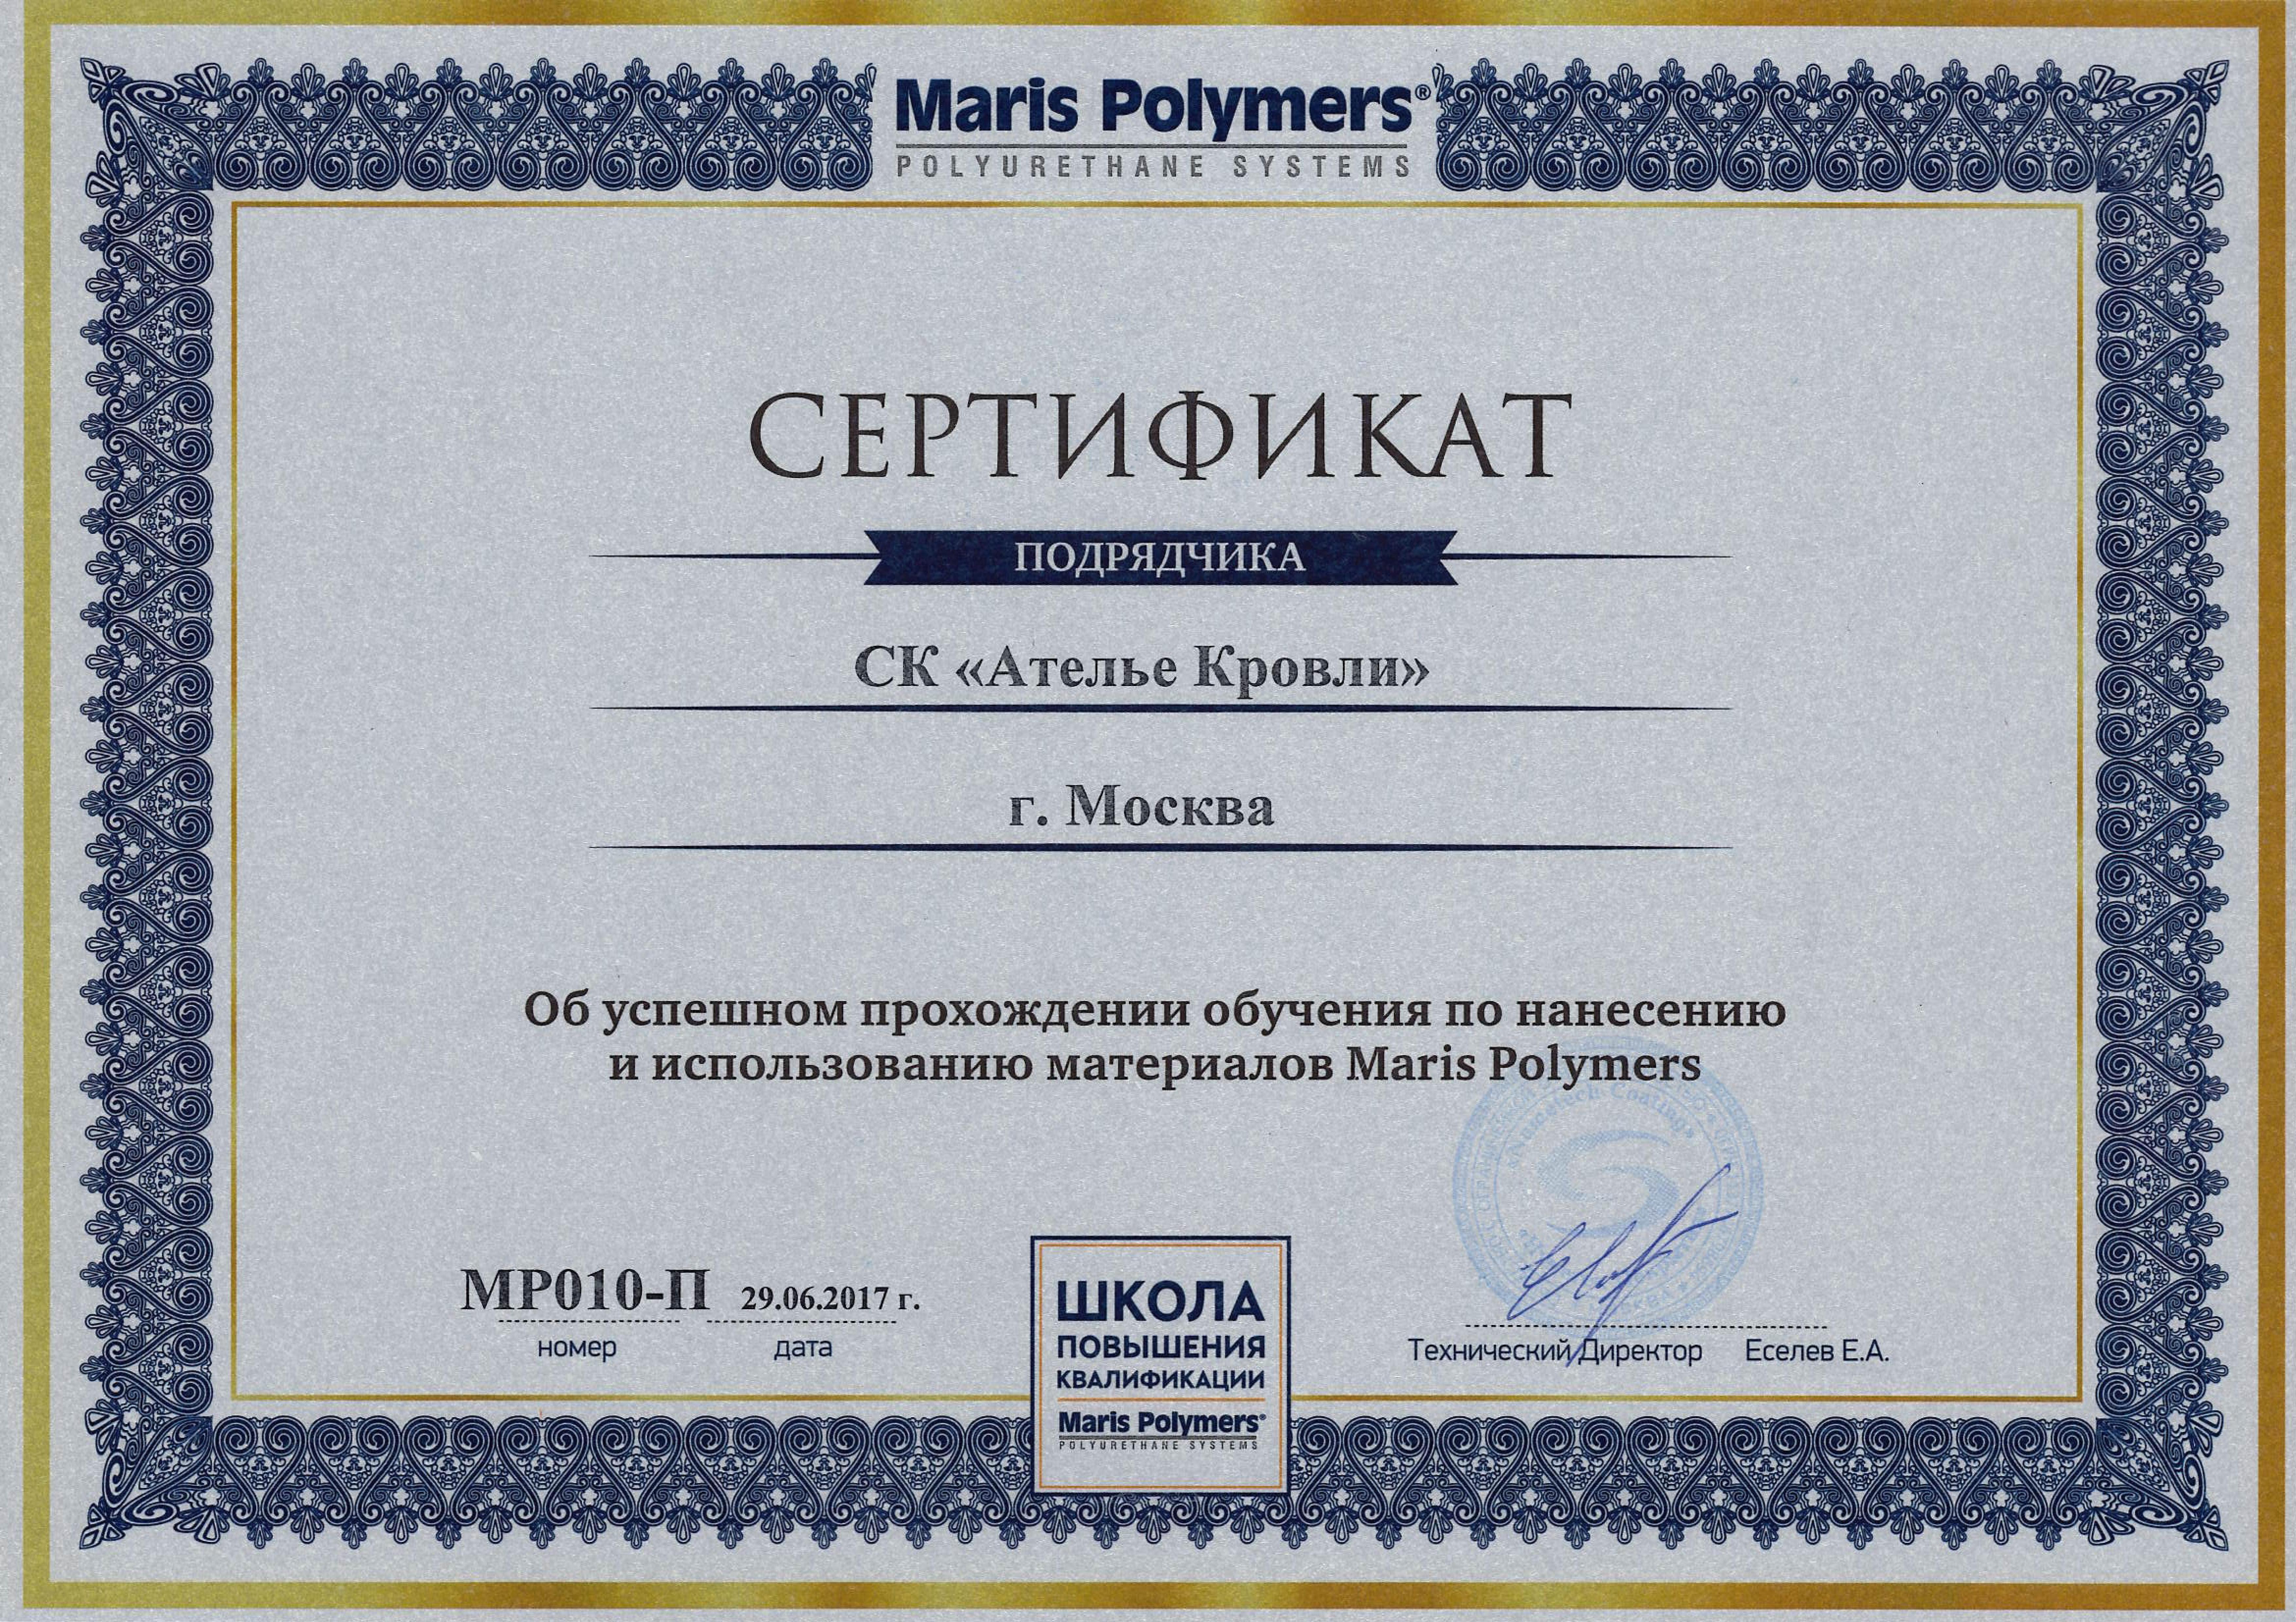 Сертификат подрядчика